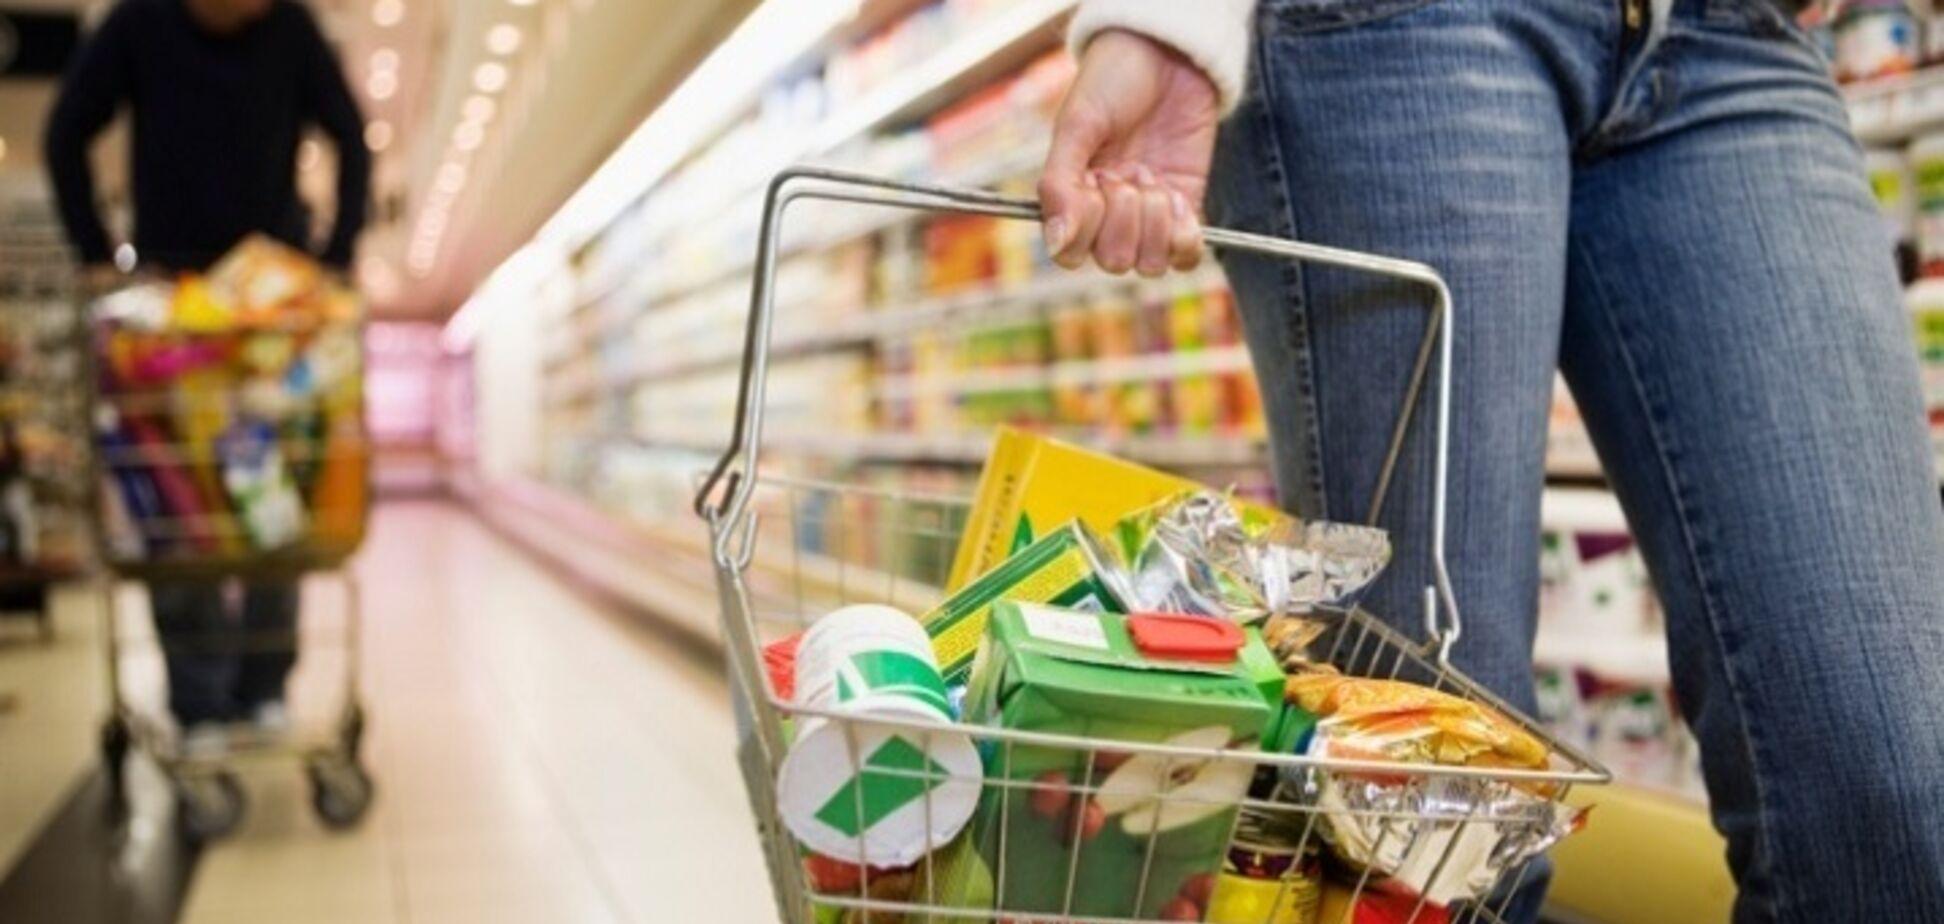 В Киеве разоблачили обман в крупном супермаркете: компания ответила